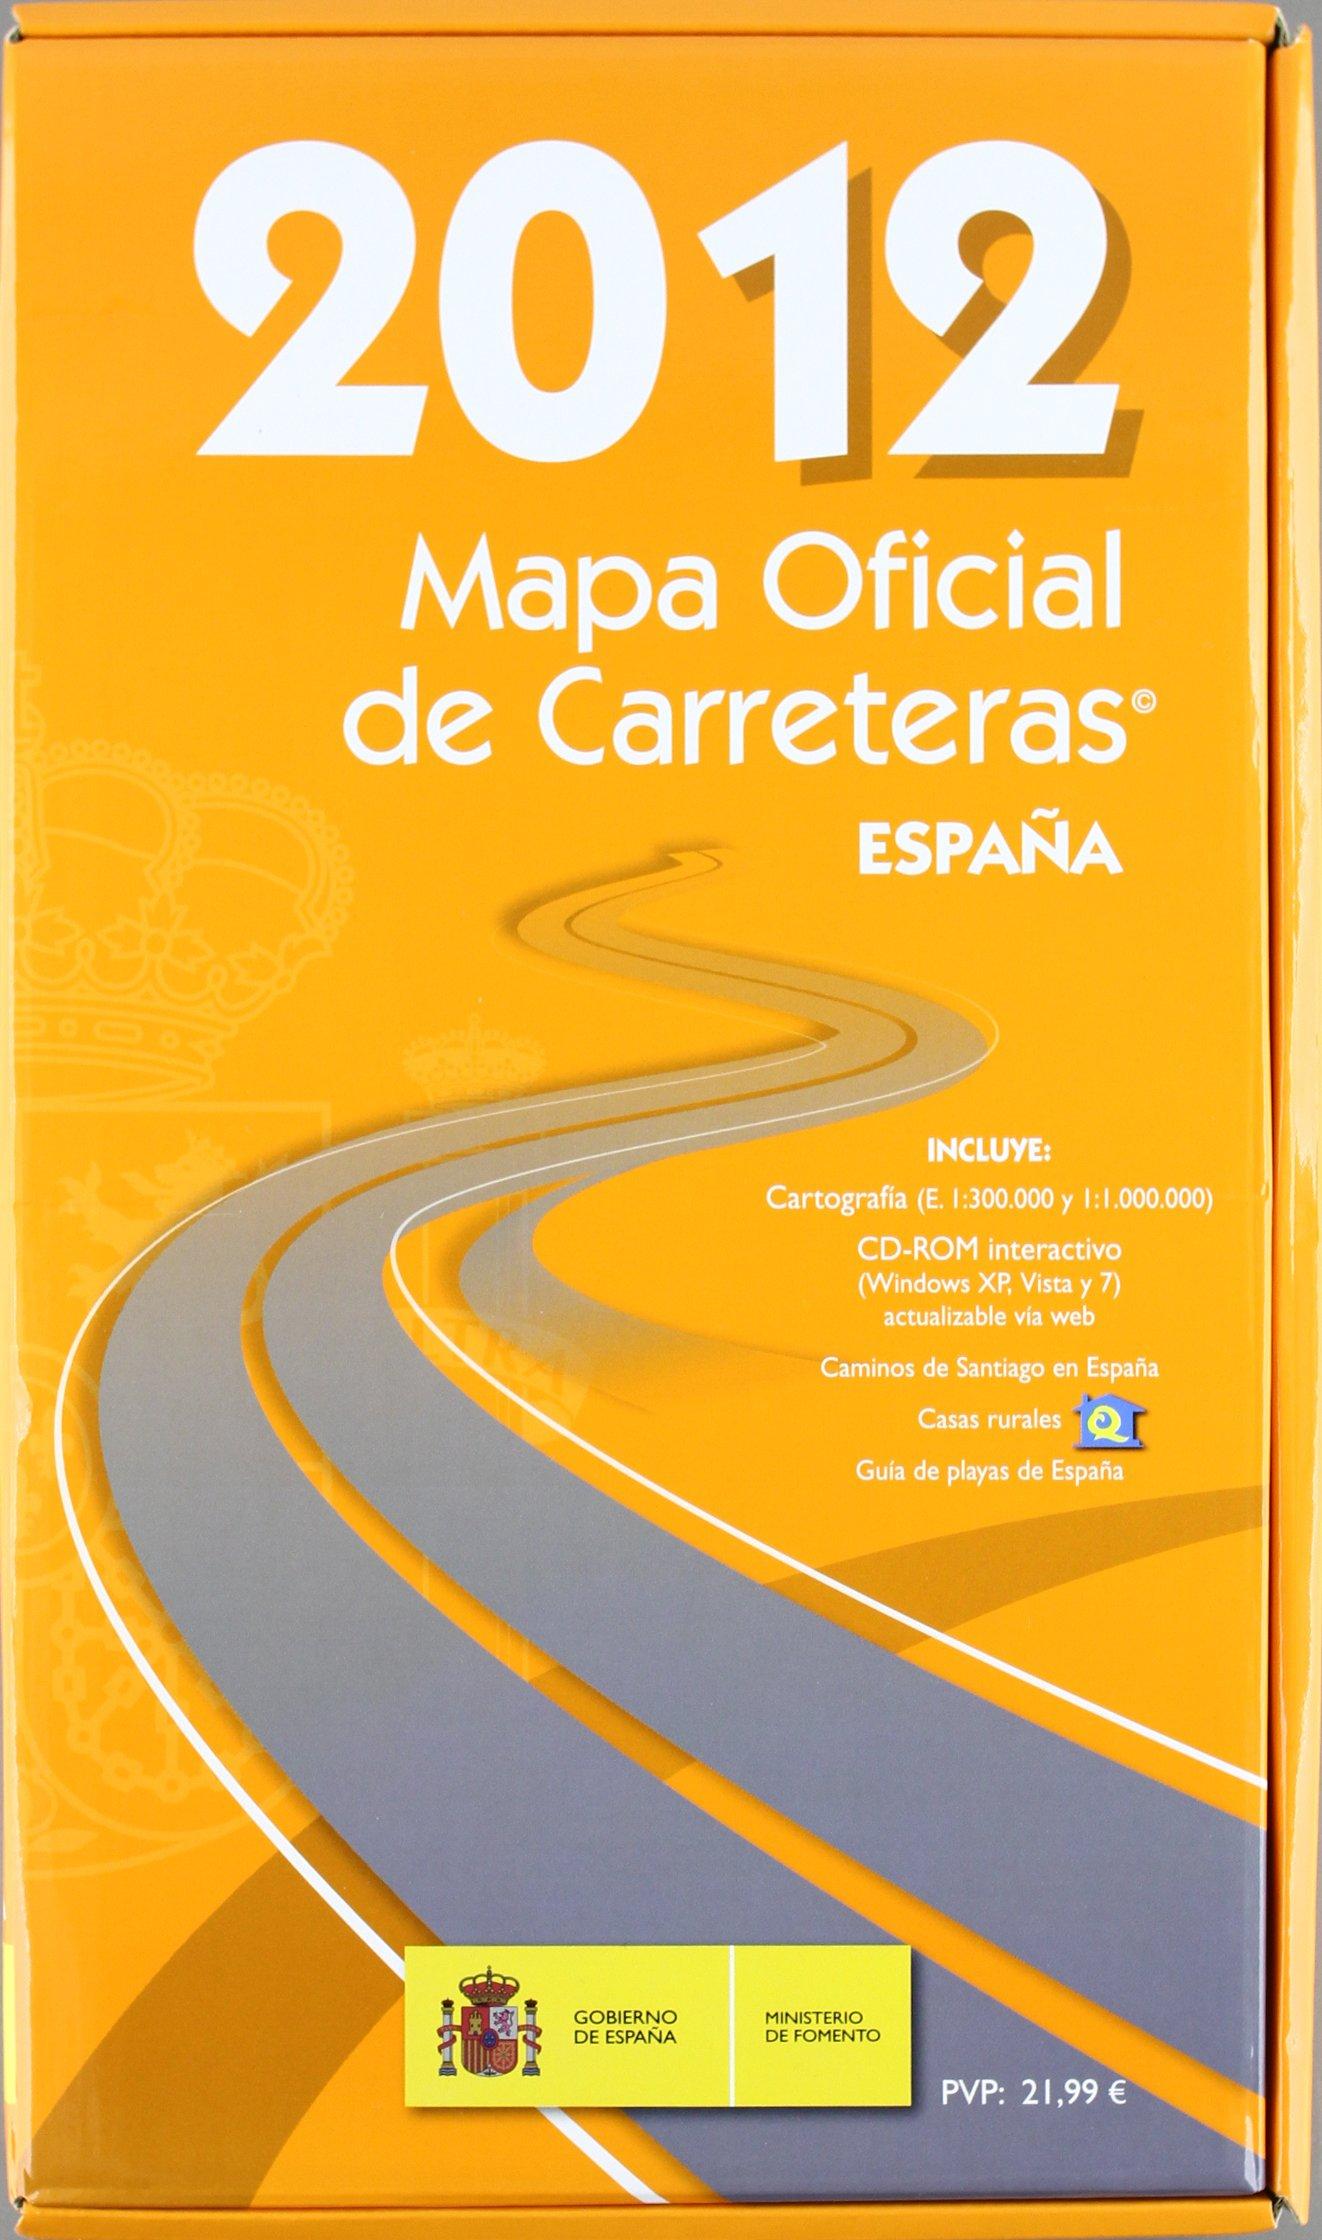 Mapa Oficial de Carreteras 2012. Edición 47.: Amazon.es: Secretaría General Técnica. Centro de Publicaciones, Ministerio de Fomento: Libros